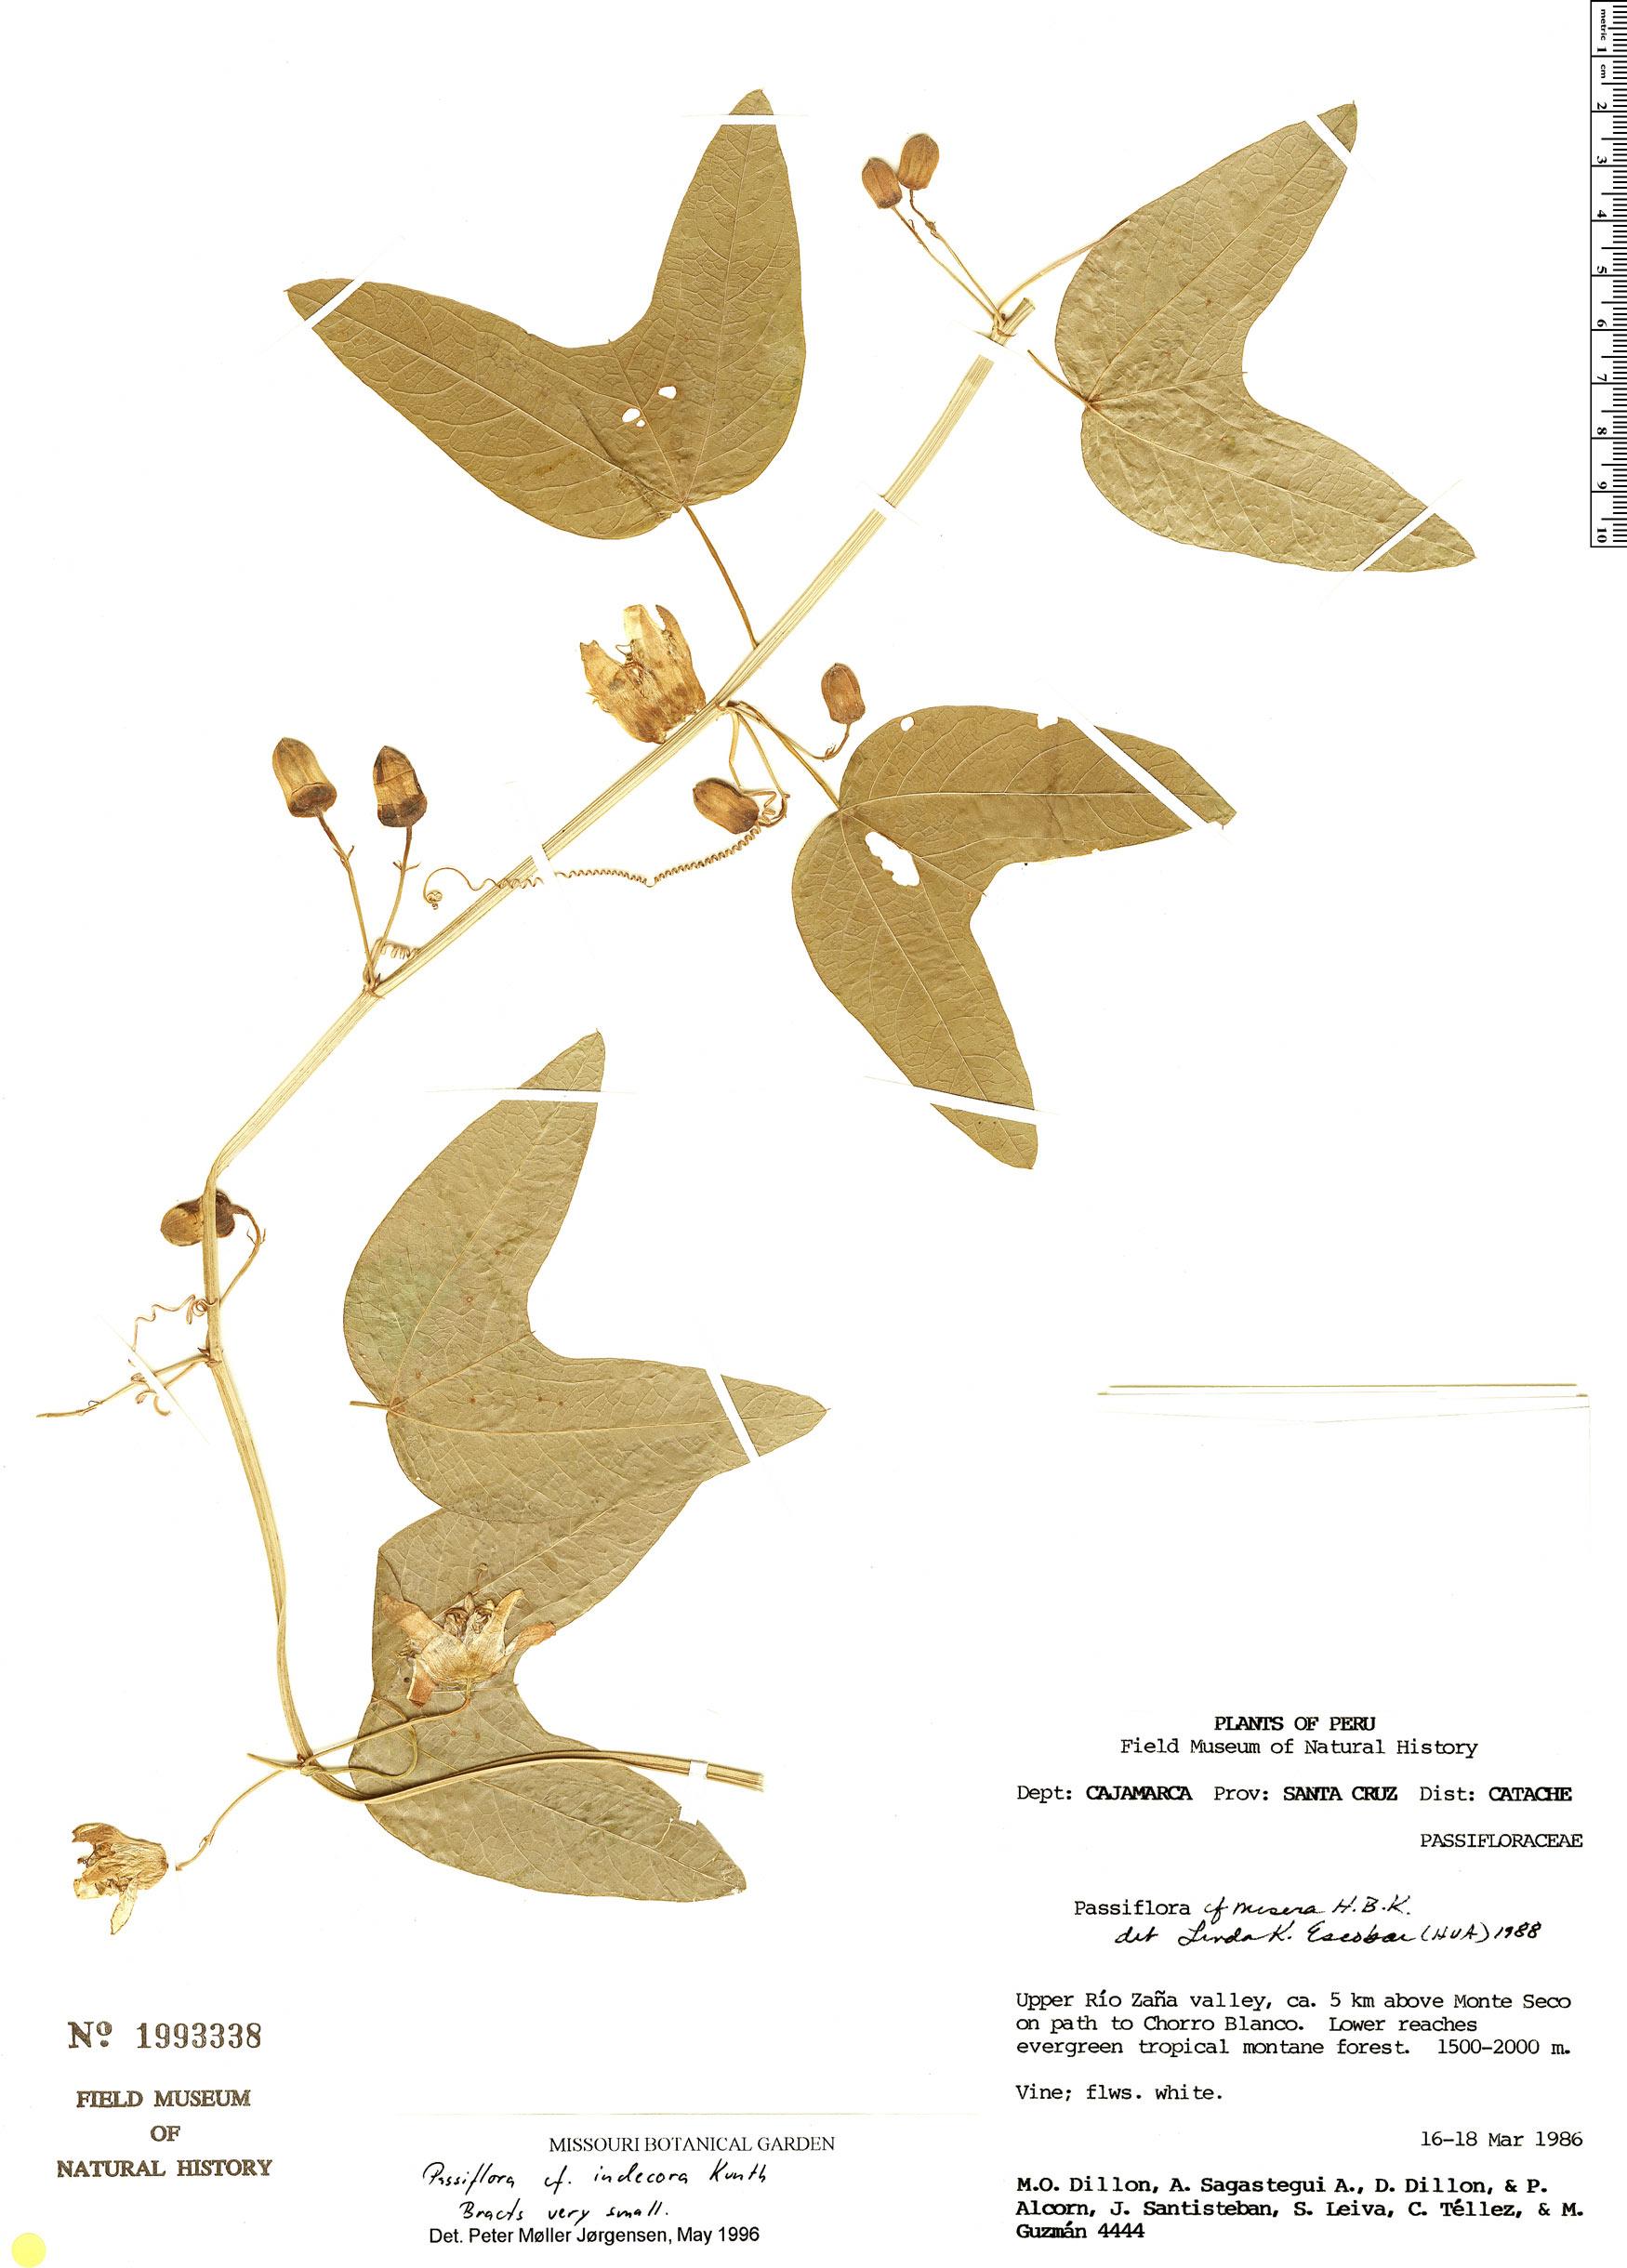 Specimen: Passiflora indecora